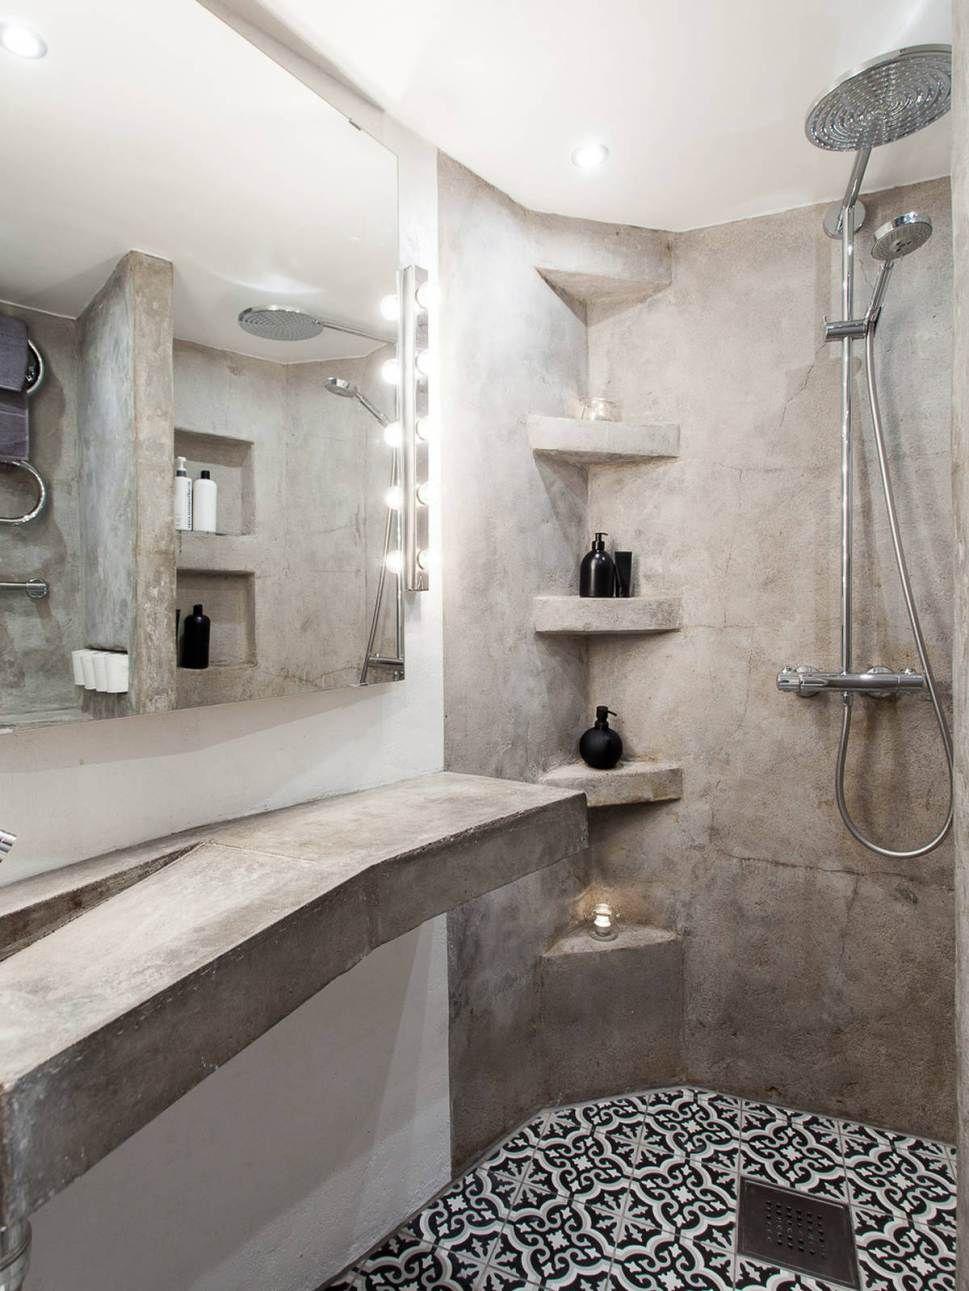 Salle de bain ciment et carreaux de ciment cement - Carreaux salle de bain ...